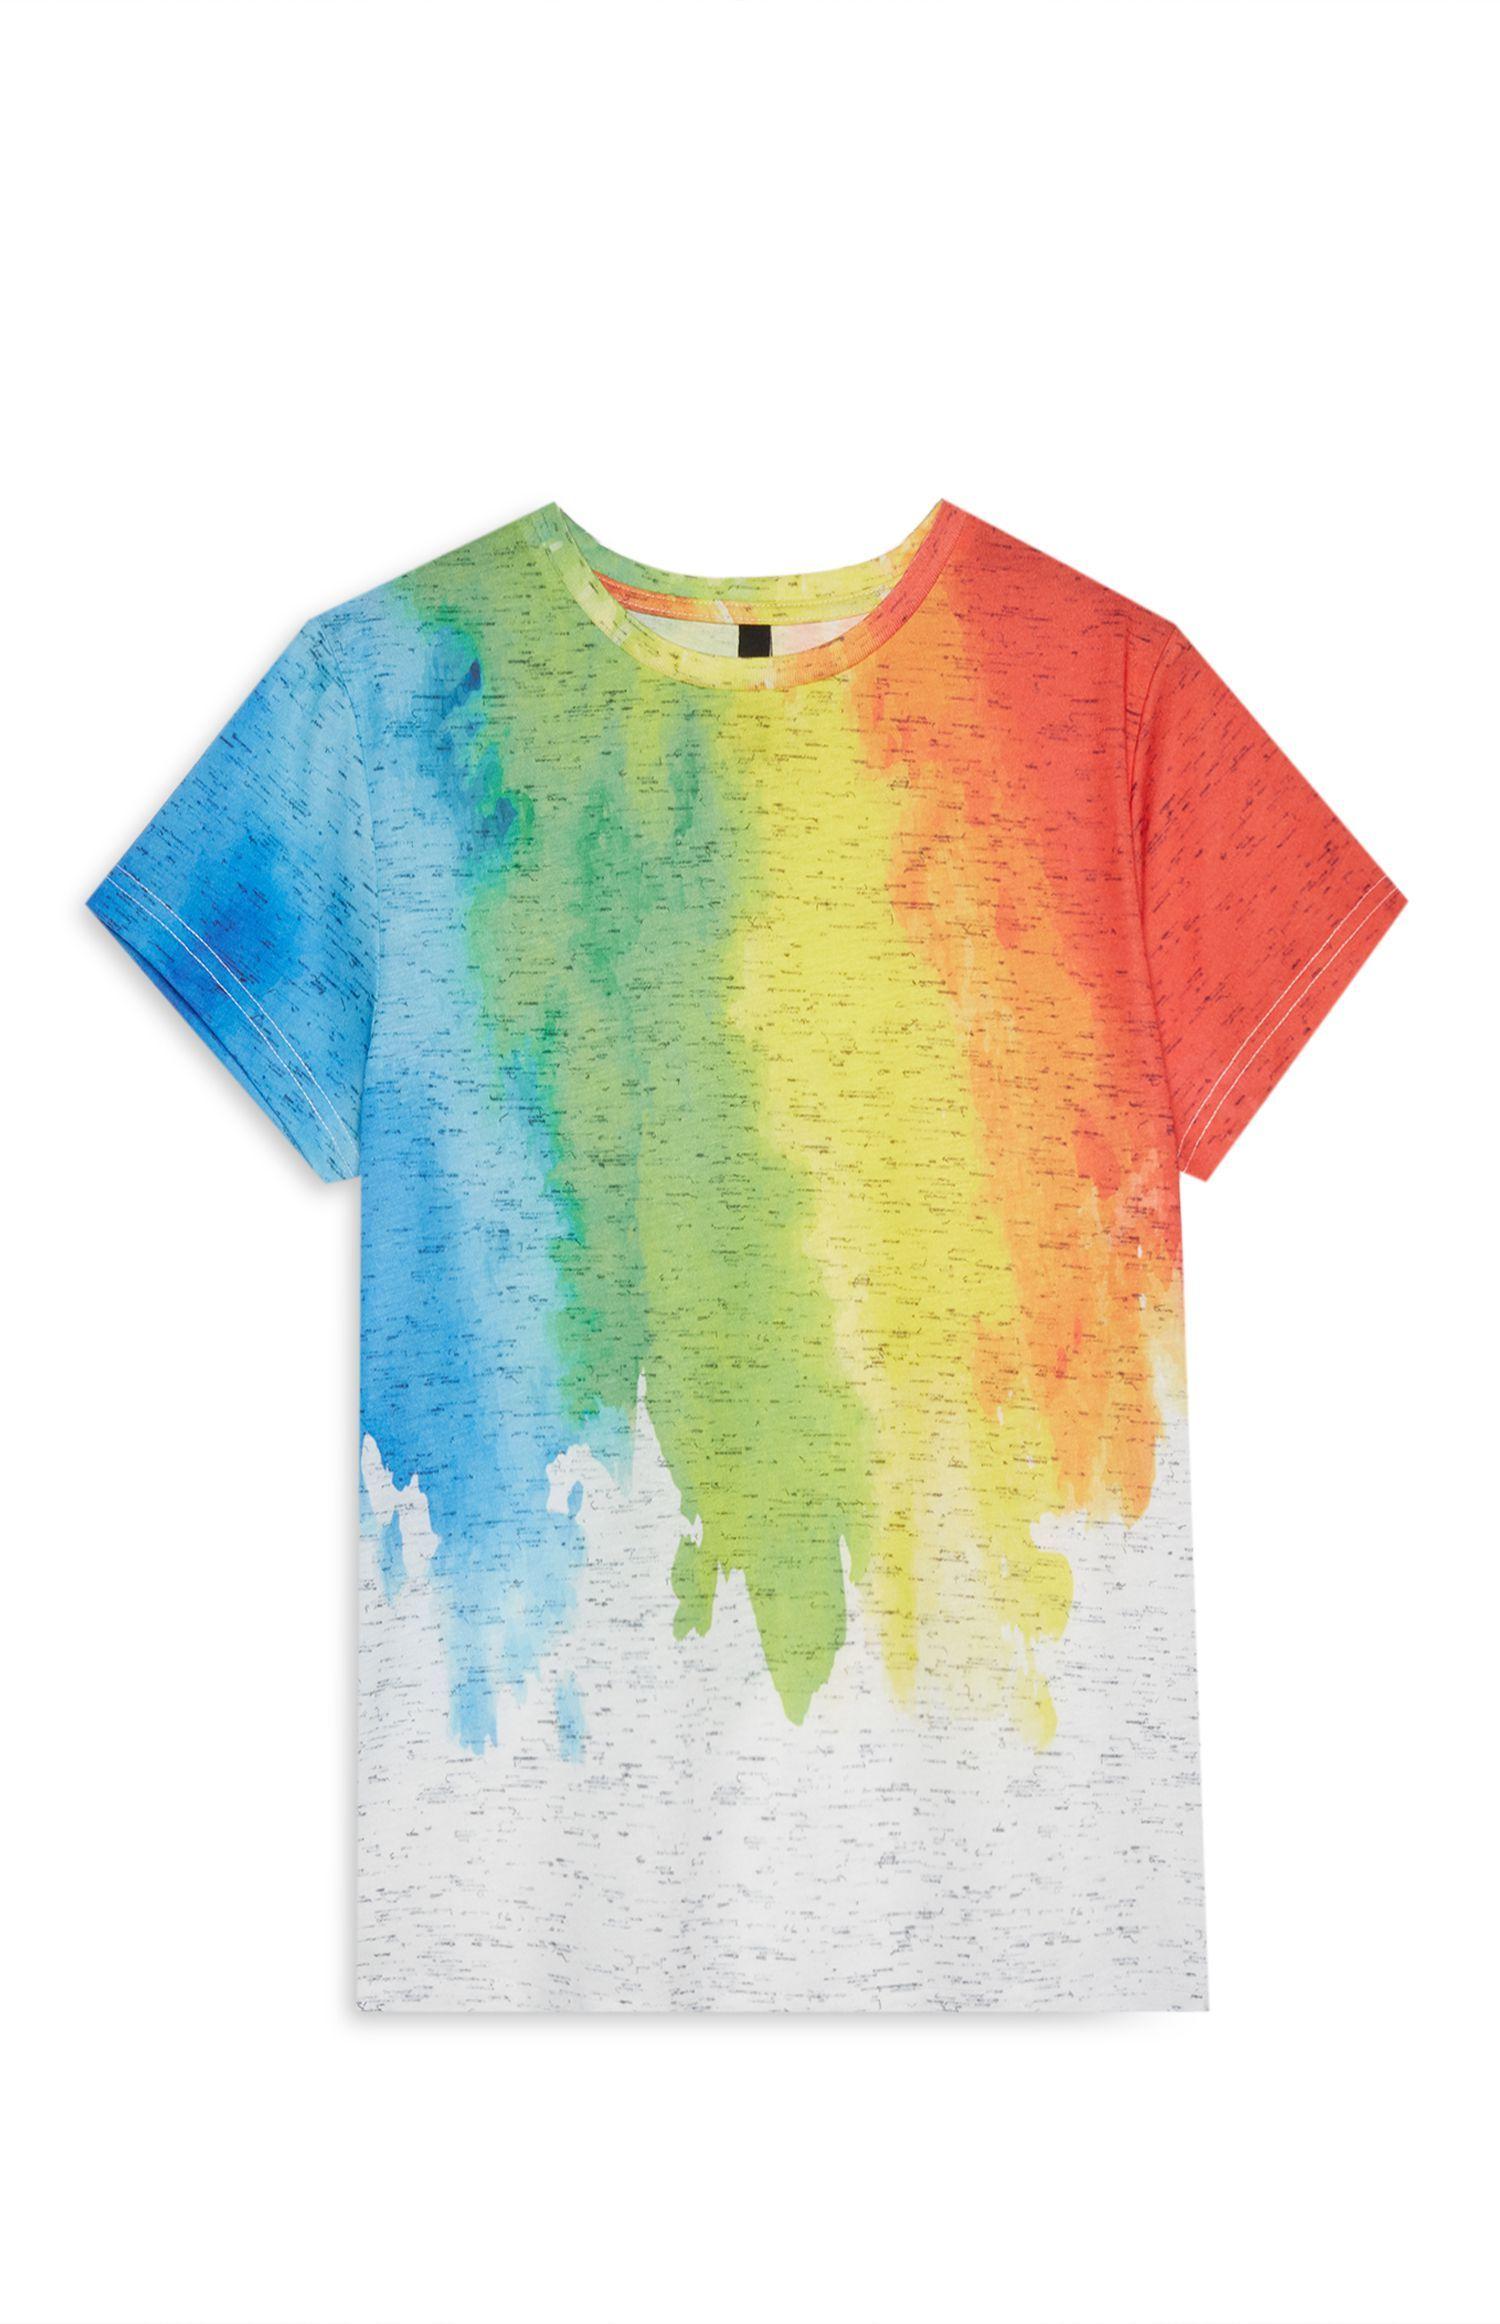 Primark vende ya su colección  Pride . Camiseta de Primark SS 2018 (4 €). 8b4bd9424c8